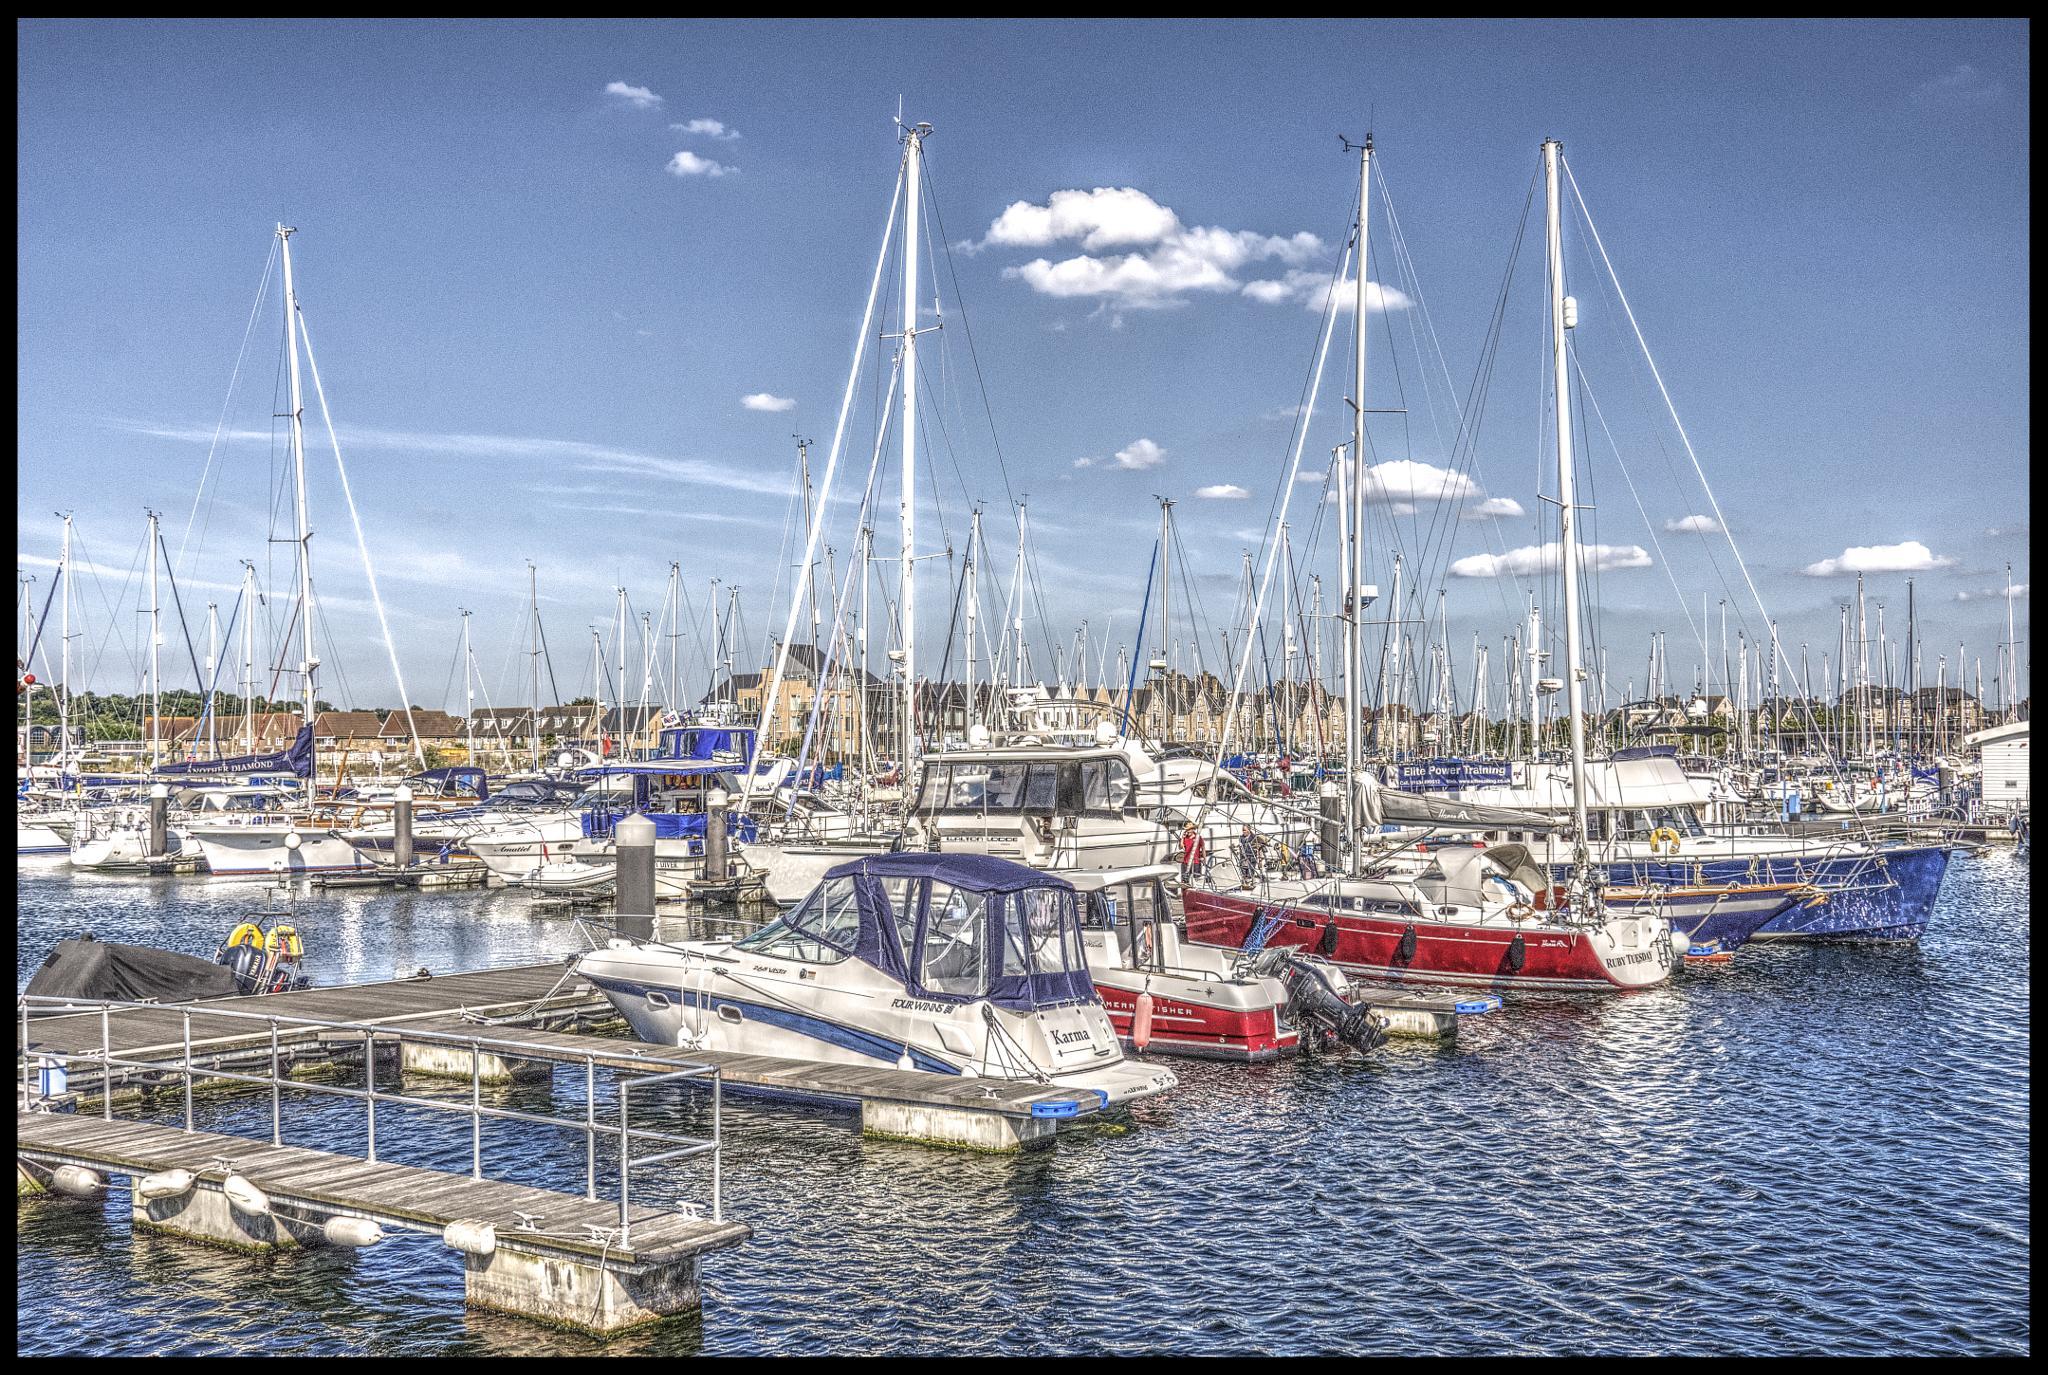 Chatham harbor, UK. by patrickyolanda